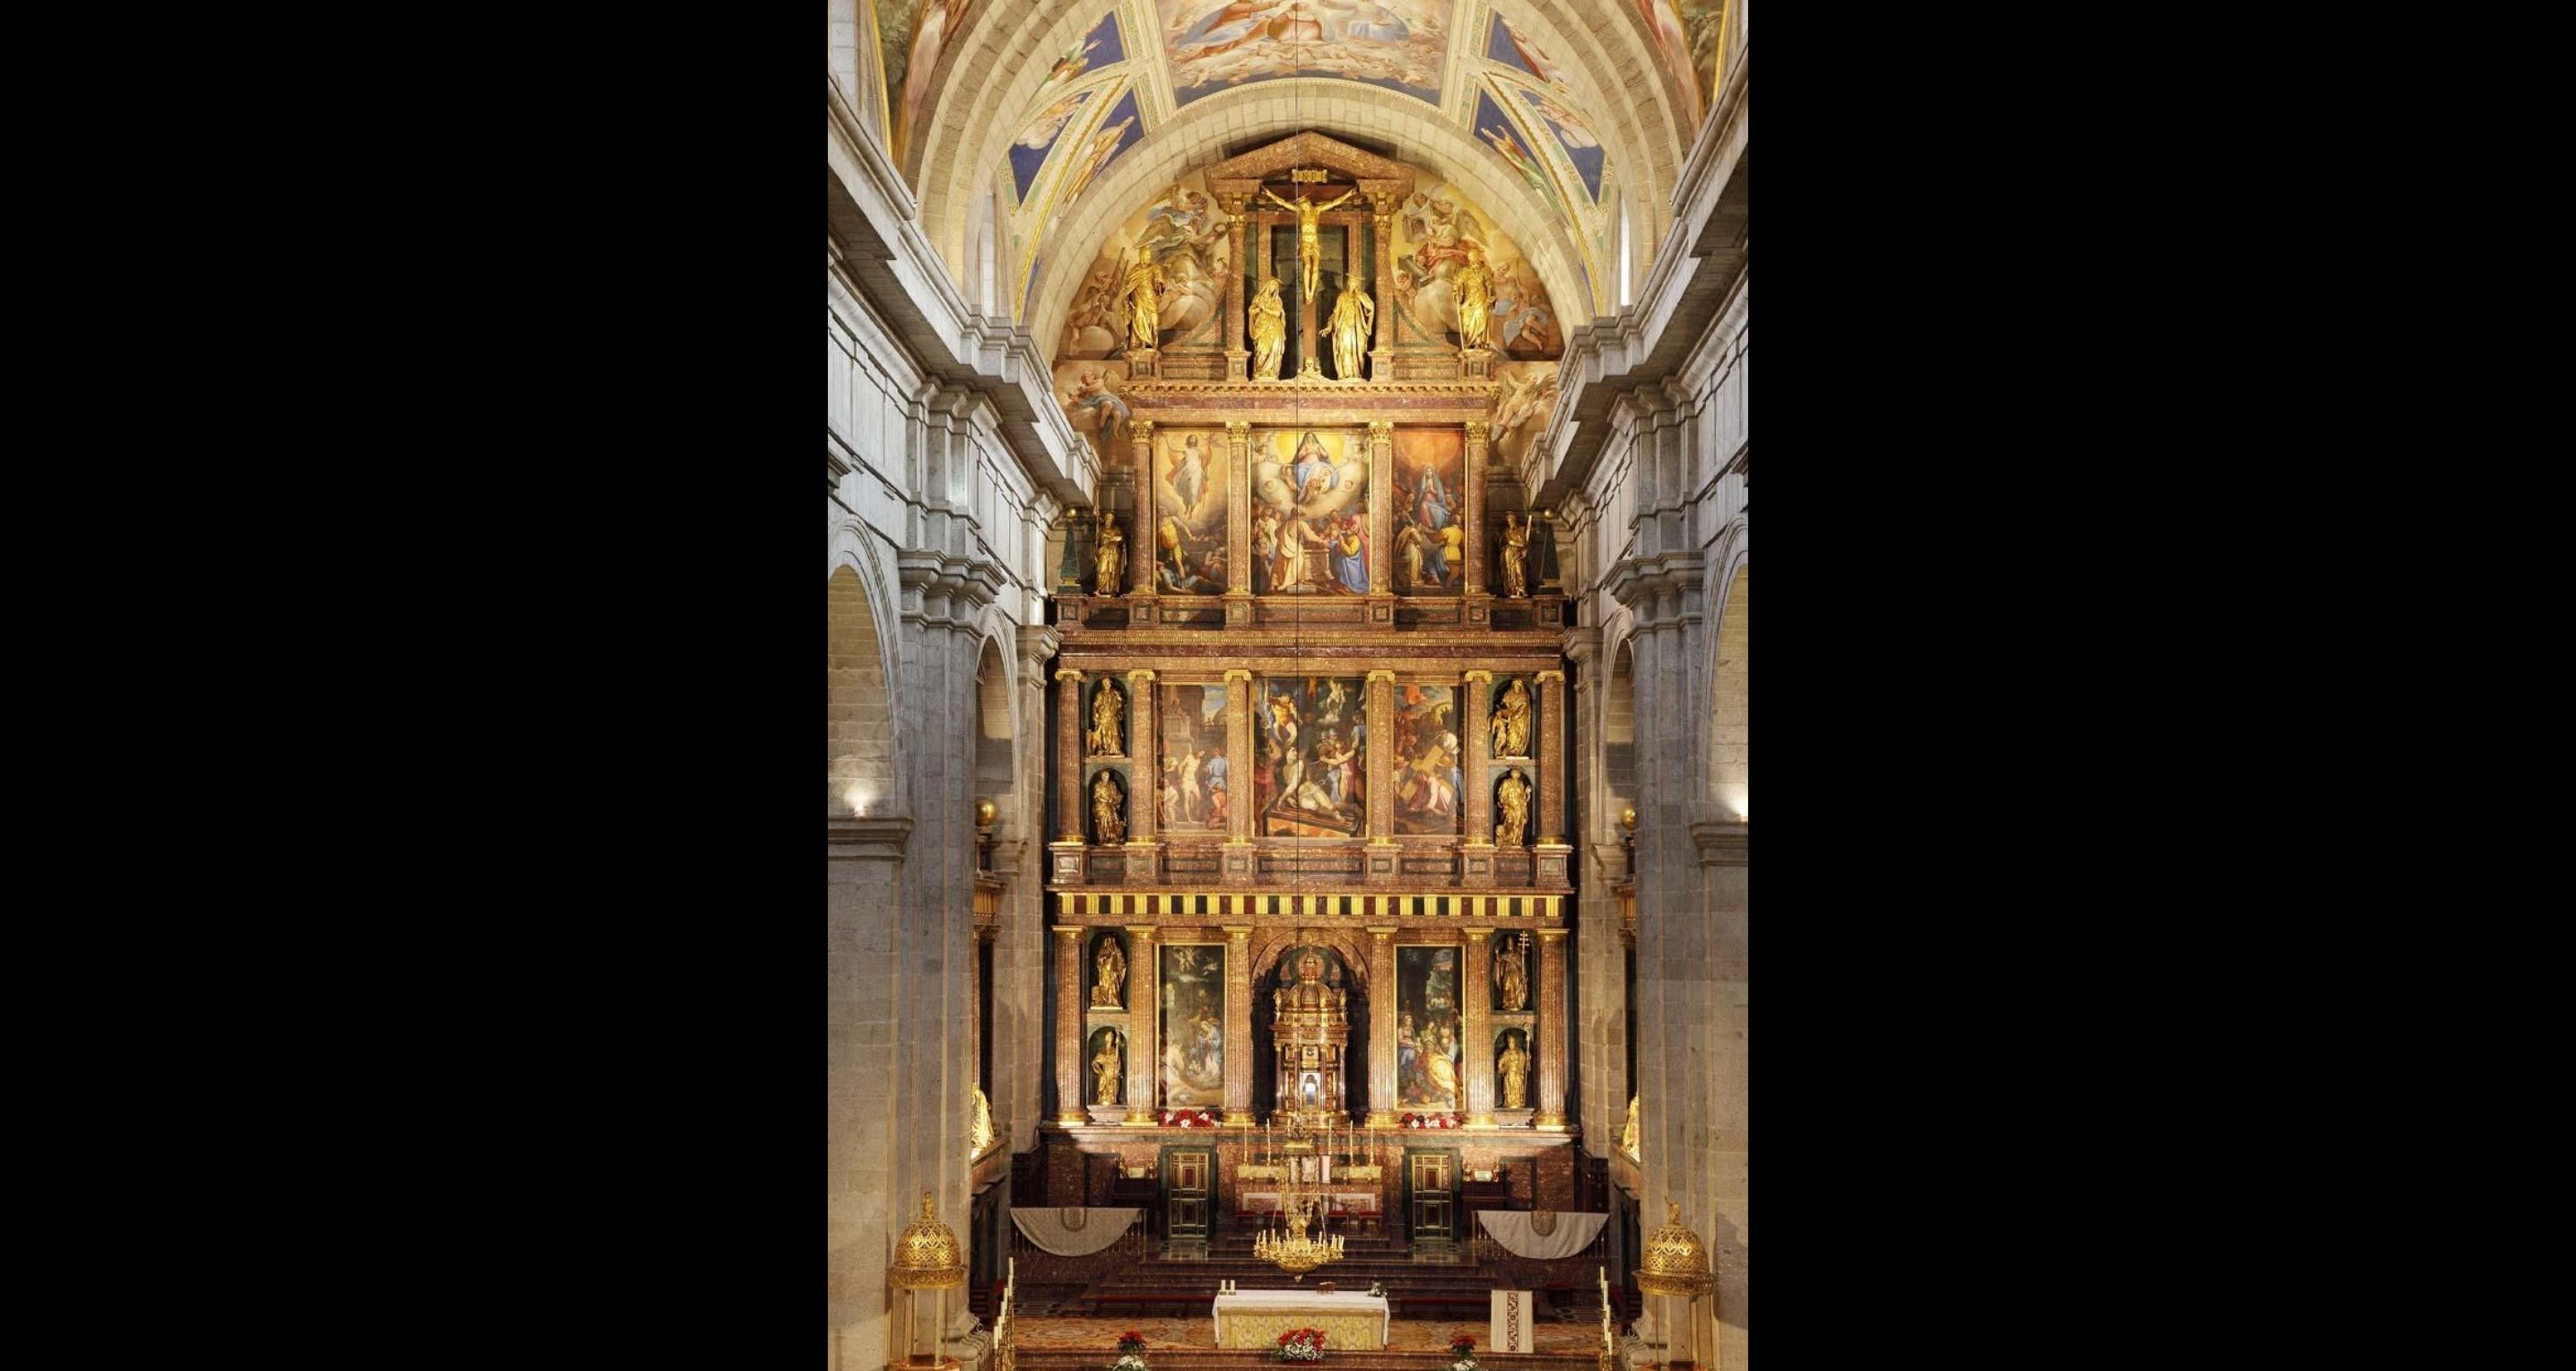 El Retablo Mayor de la Basílica del Monasterio de San Lorenzo de El Escorial